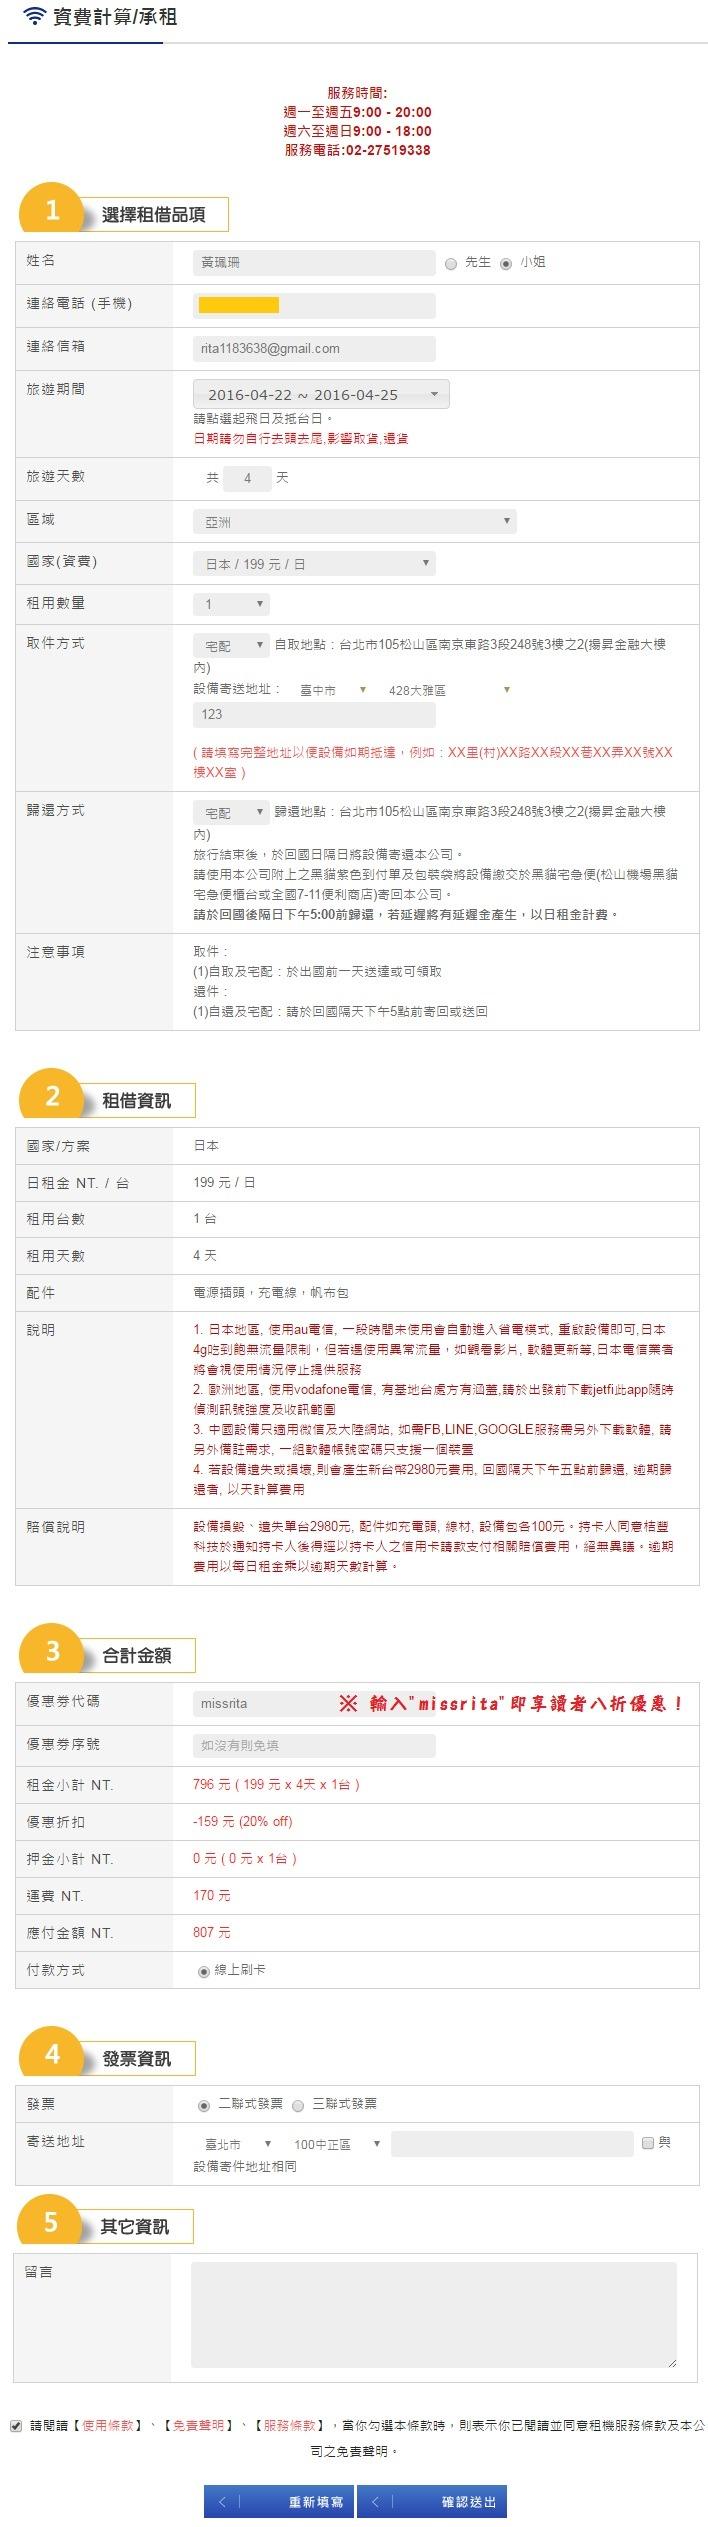 日本上網 大阪上網 wifi上網 日本wifi 桔豐wifi上網 jetfi wifi分享機 日本自由行 日本自助 關西自助 京阪自助222